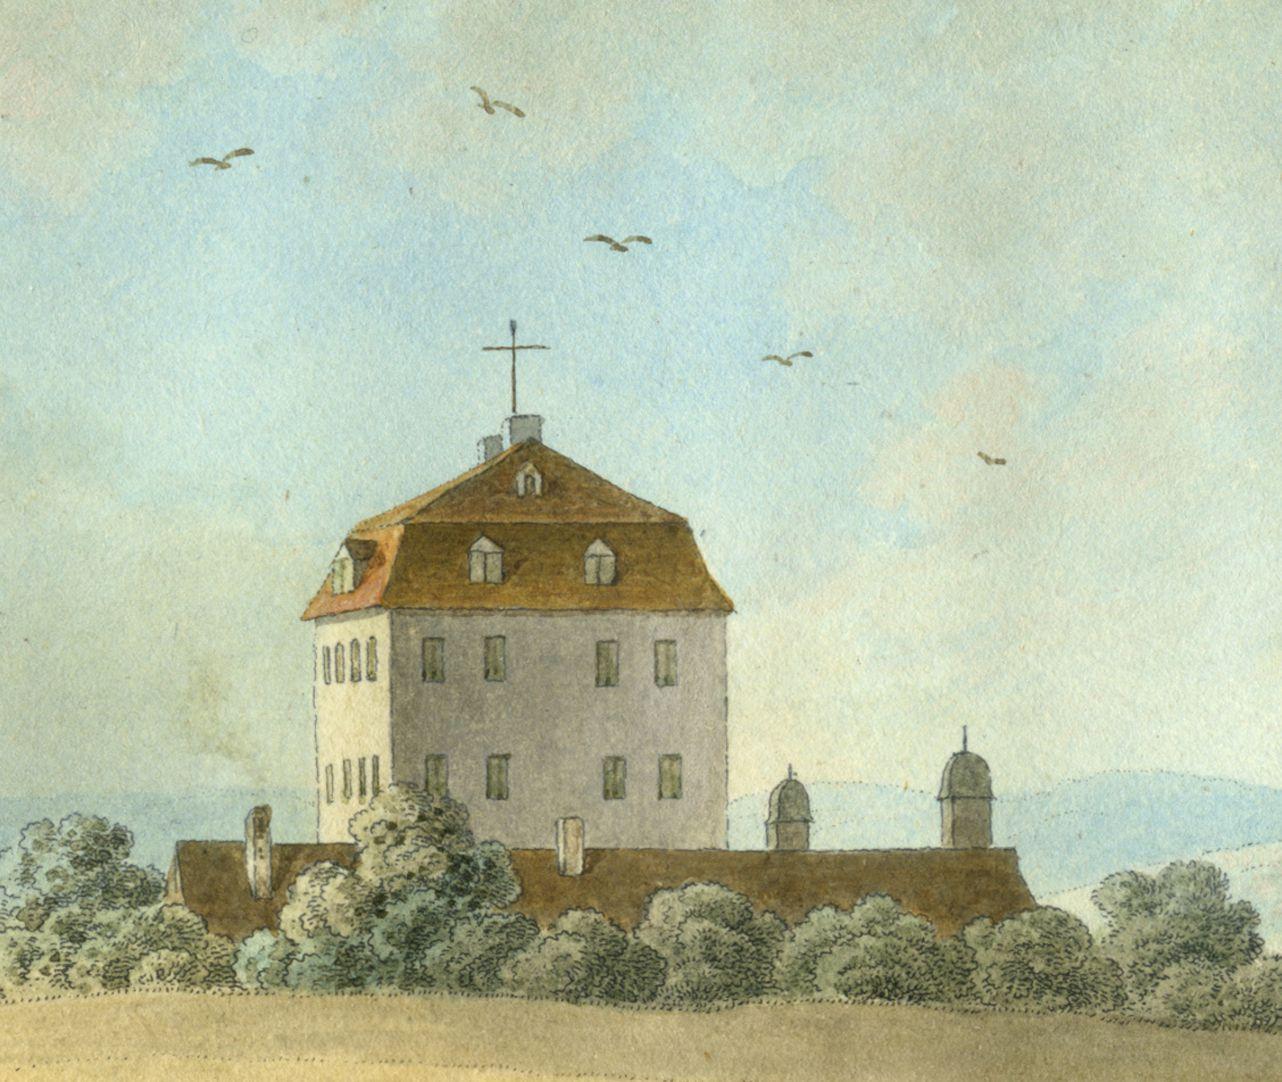 Thumenberg Detailansicht mit Herrensitz Thumenberg